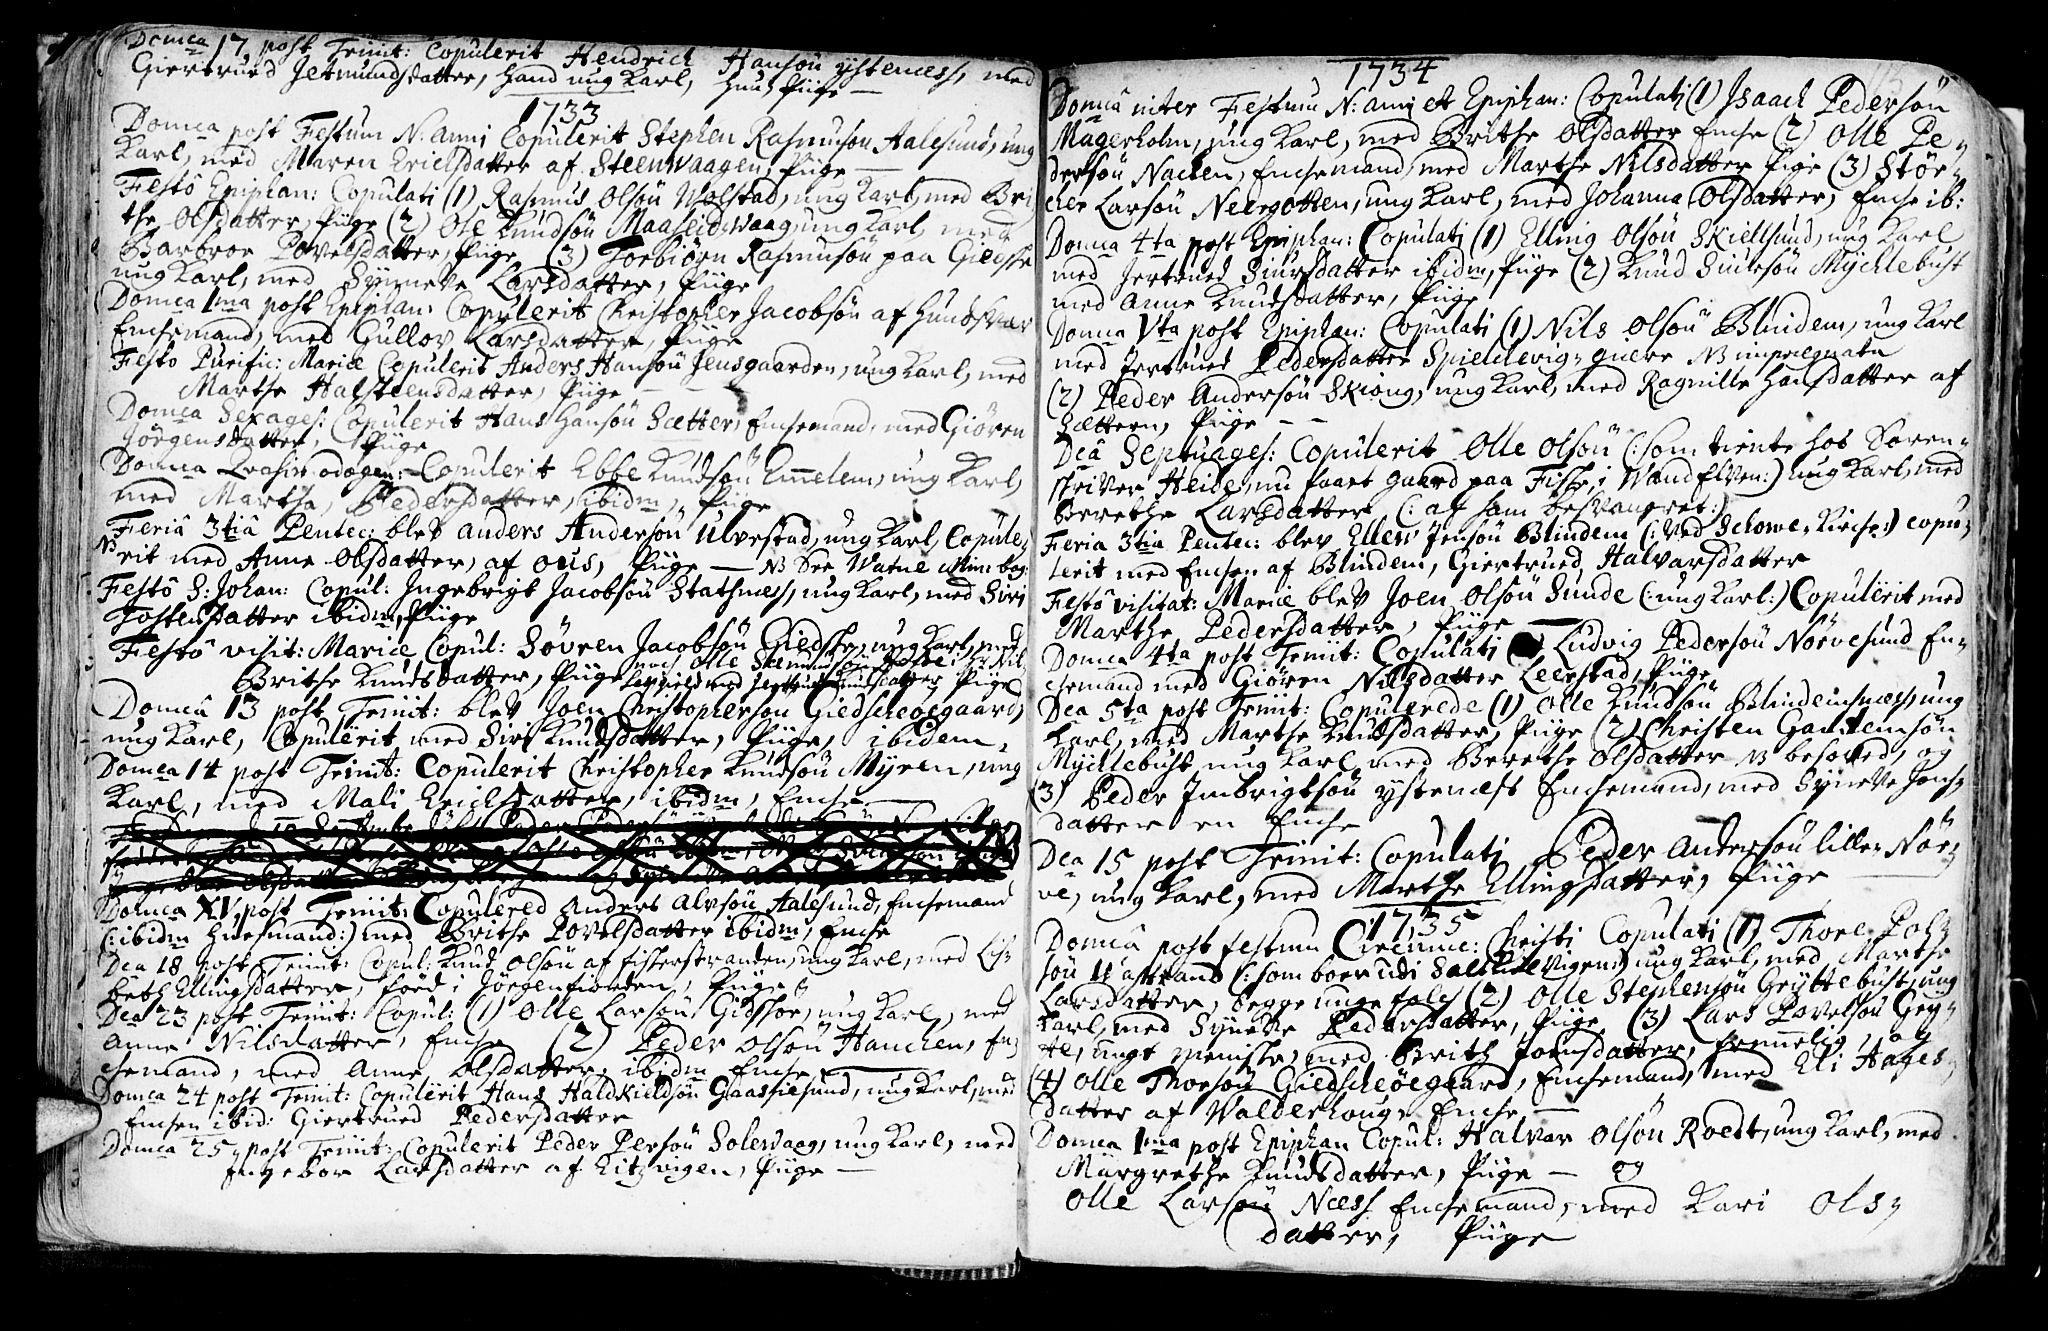 SAT, Ministerialprotokoller, klokkerbøker og fødselsregistre - Møre og Romsdal, 528/L0390: Ministerialbok nr. 528A01, 1698-1739, s. 114-115